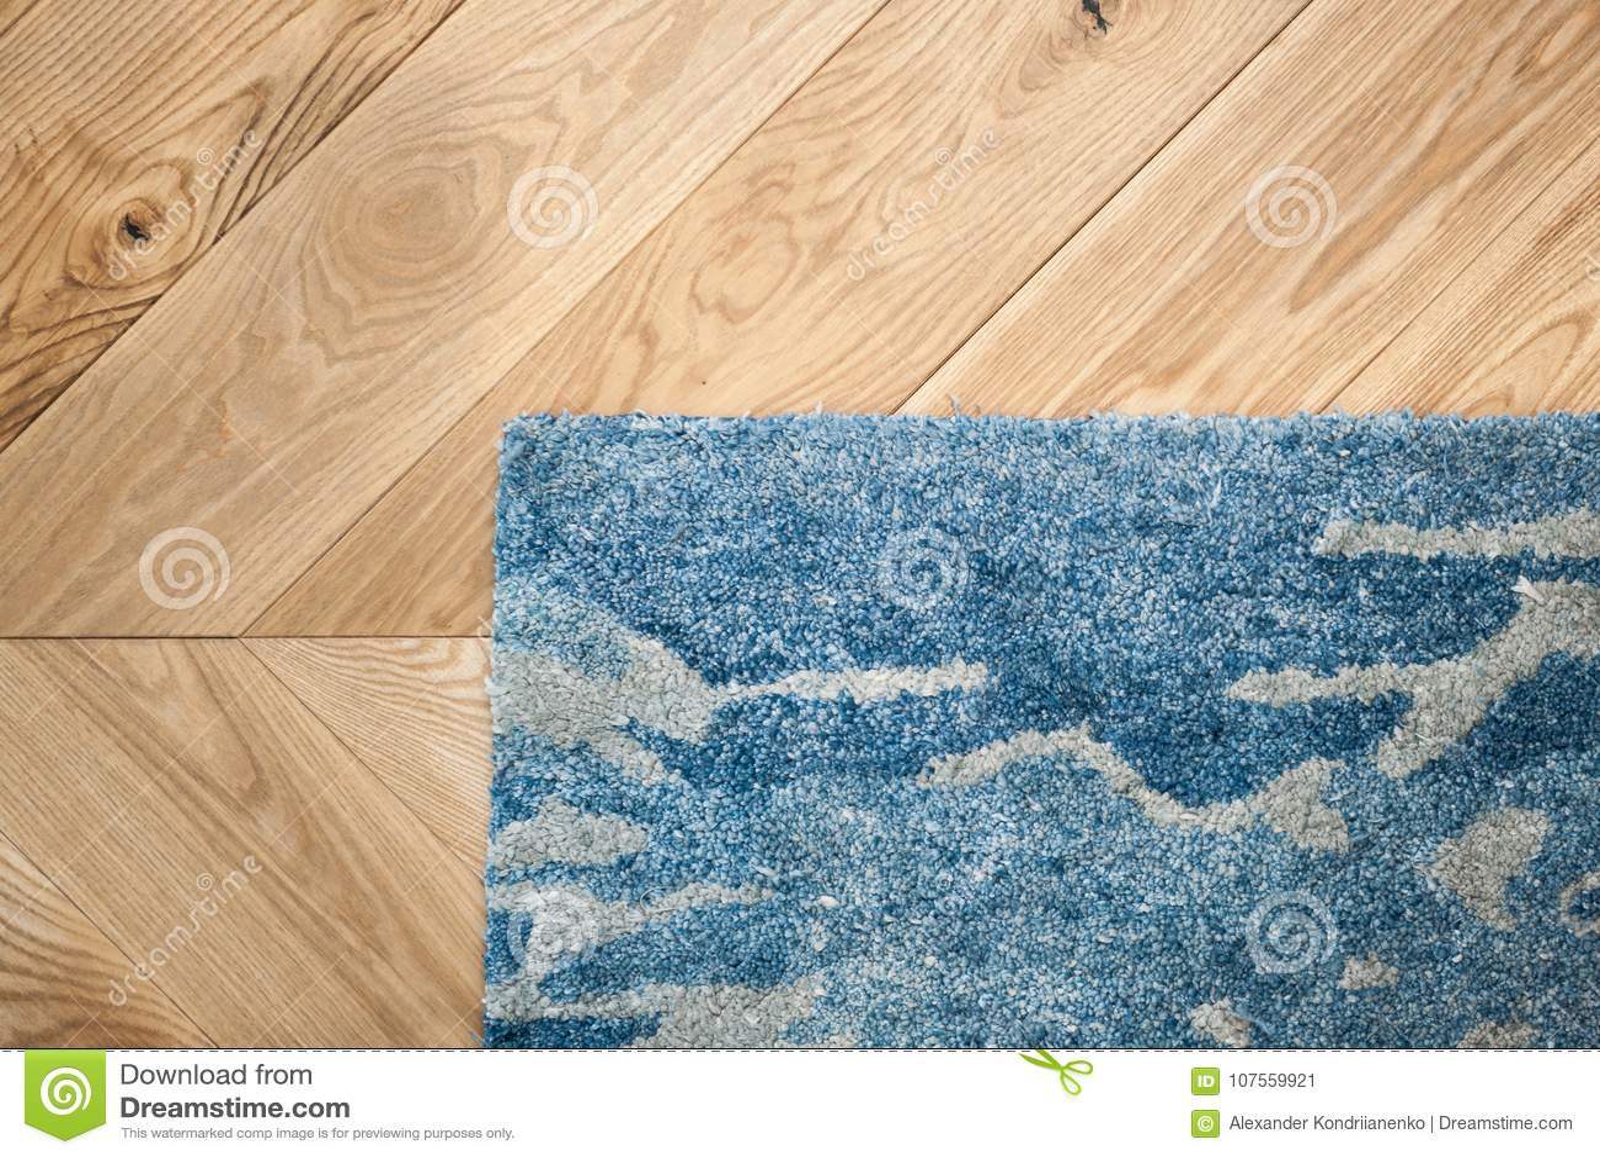 Laminate parquete floor. Light wooden texture. Beige soft carpet. Warm interior design.